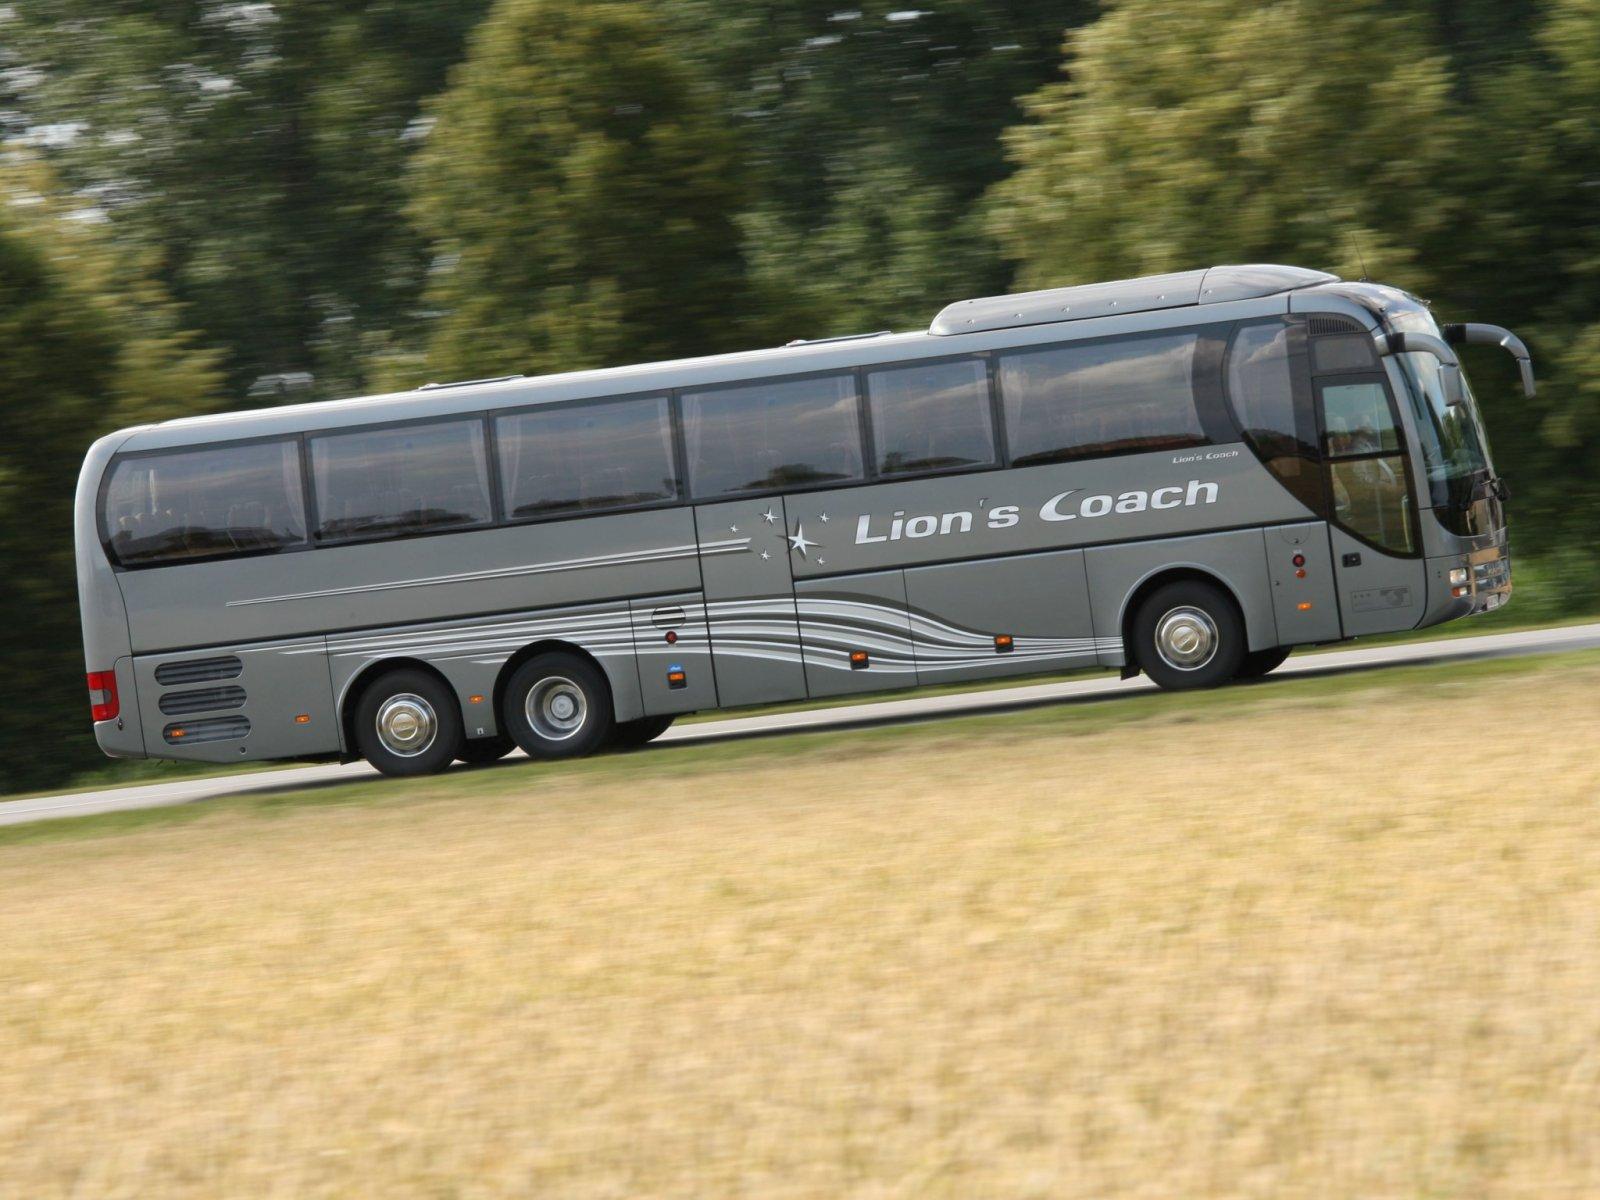 Эффективная служебная развозка по самым разным маршрутам от службы идеал - это экономное и качественное решение задачи корпоративного транспортного обеспечения